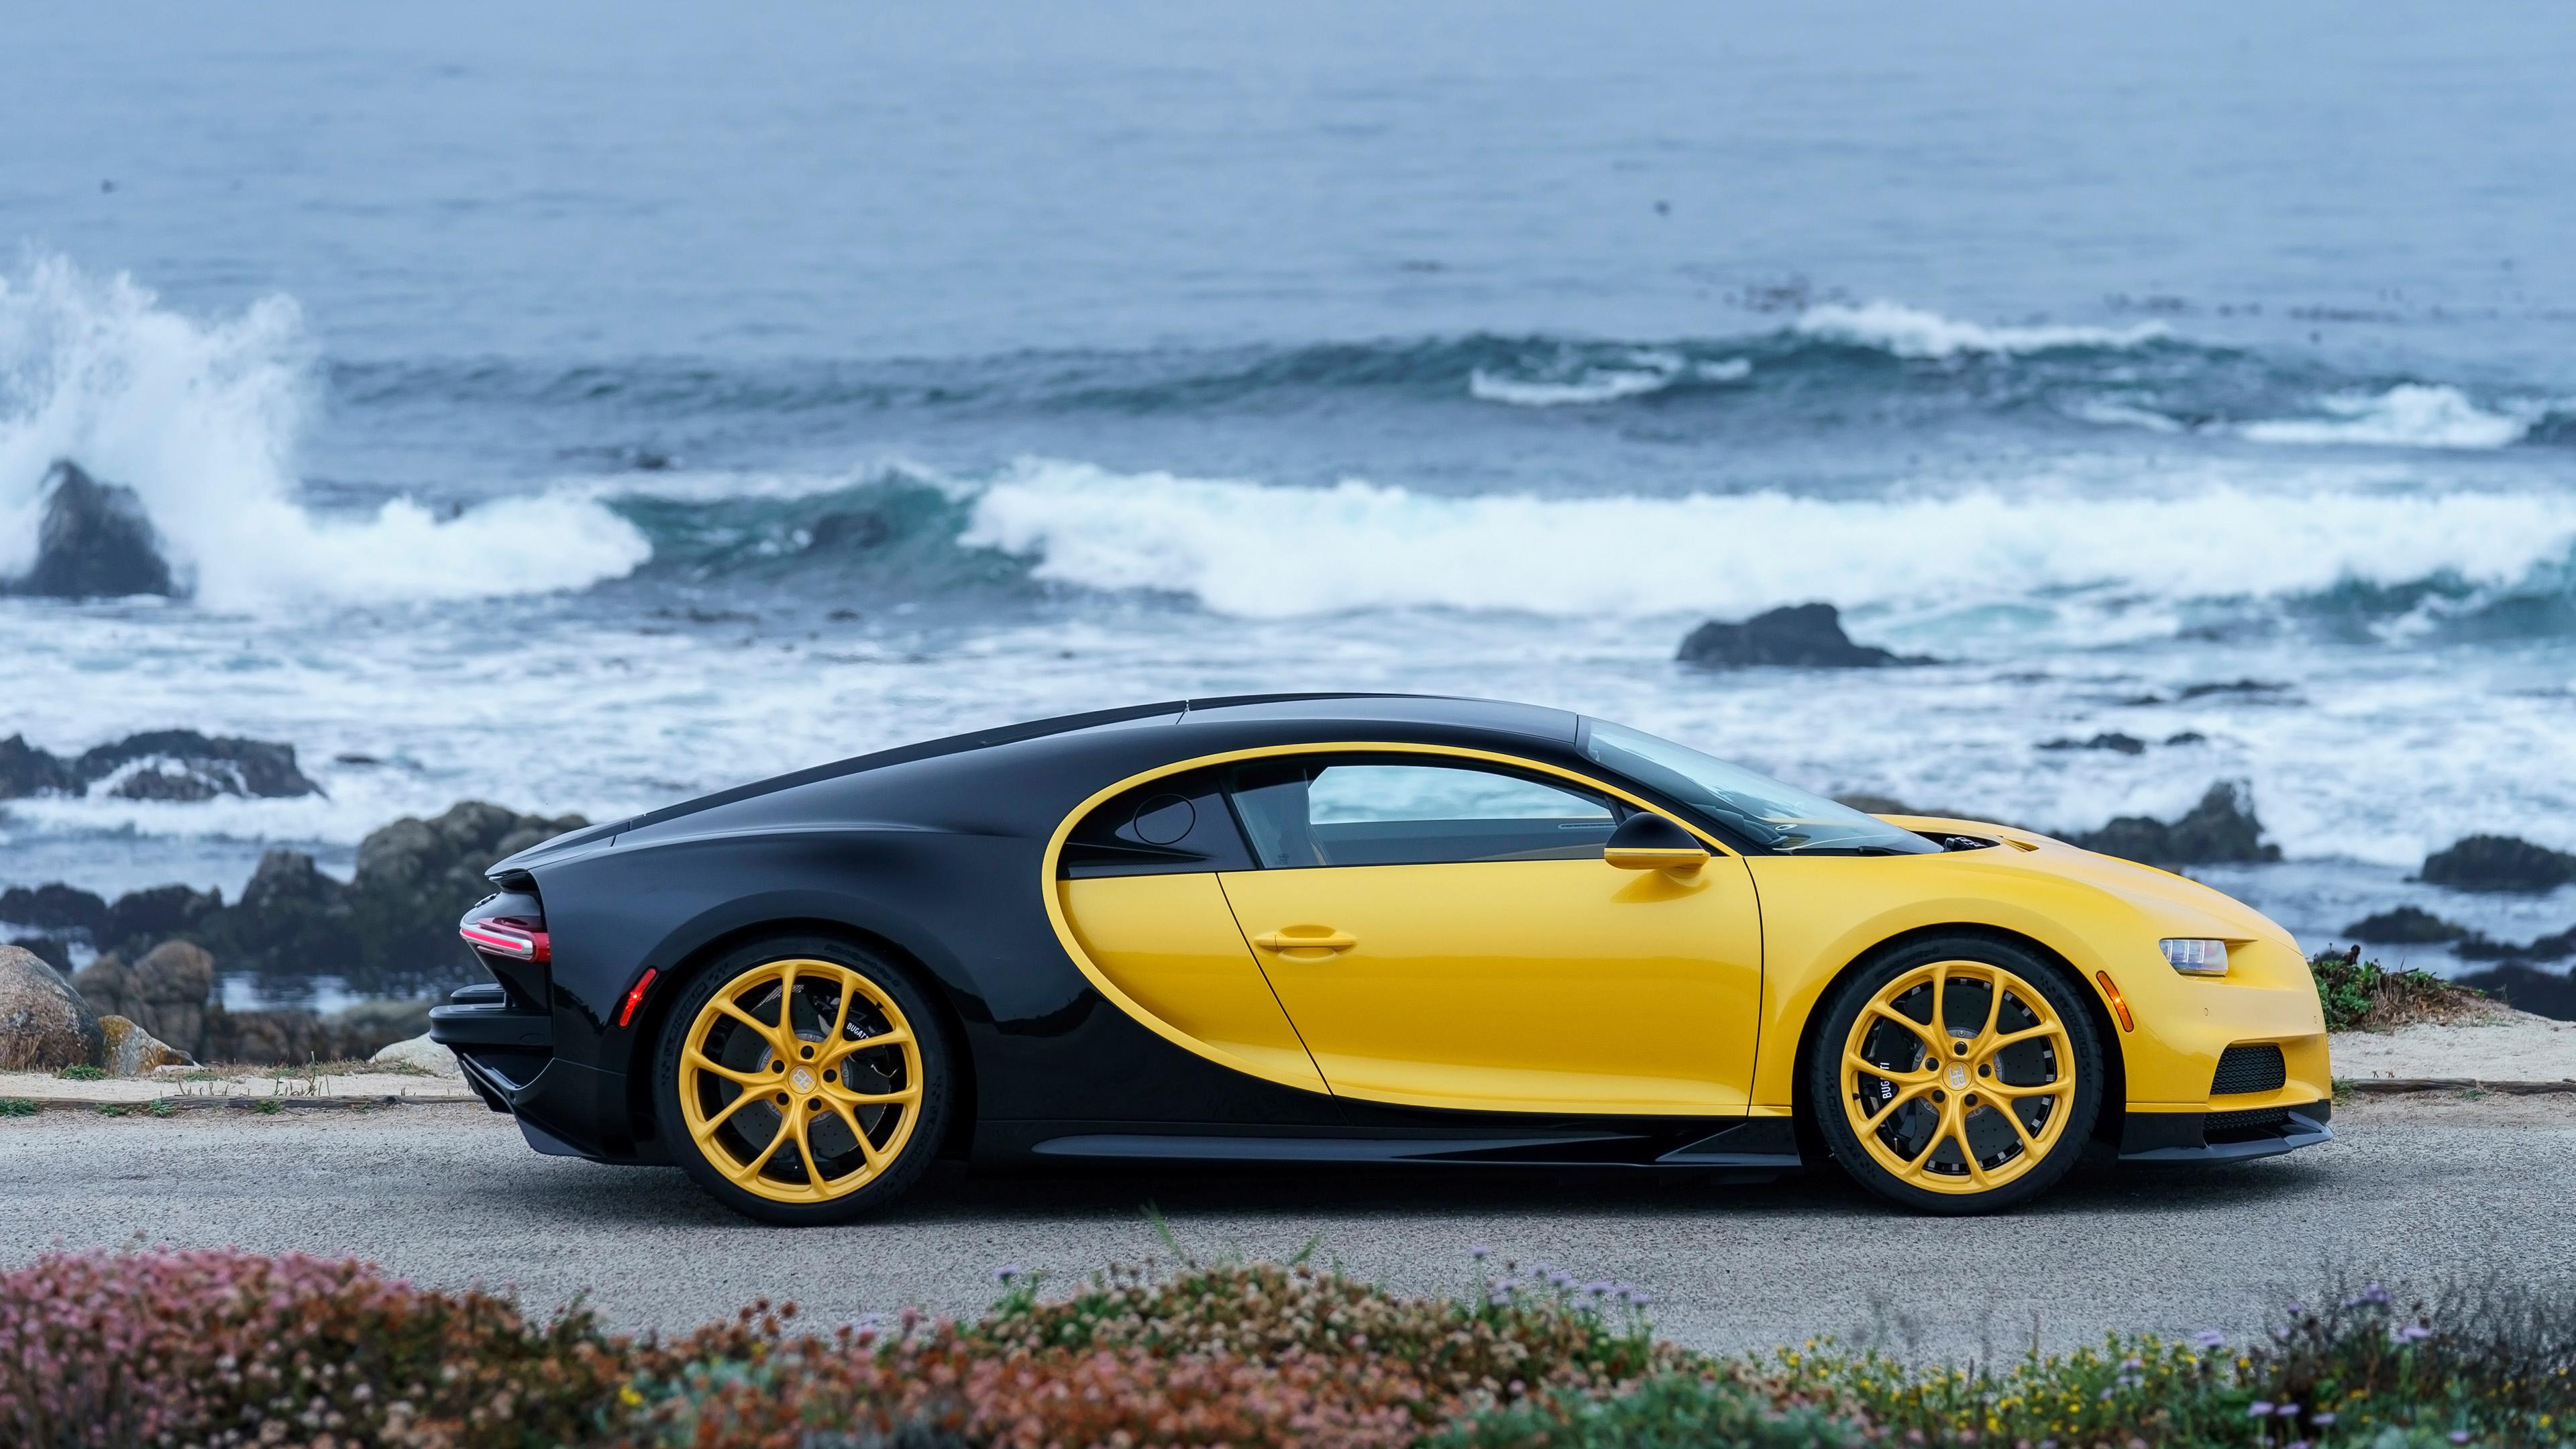 2018 bugatti chiron yellow and black 4k 3 wallpaper hd